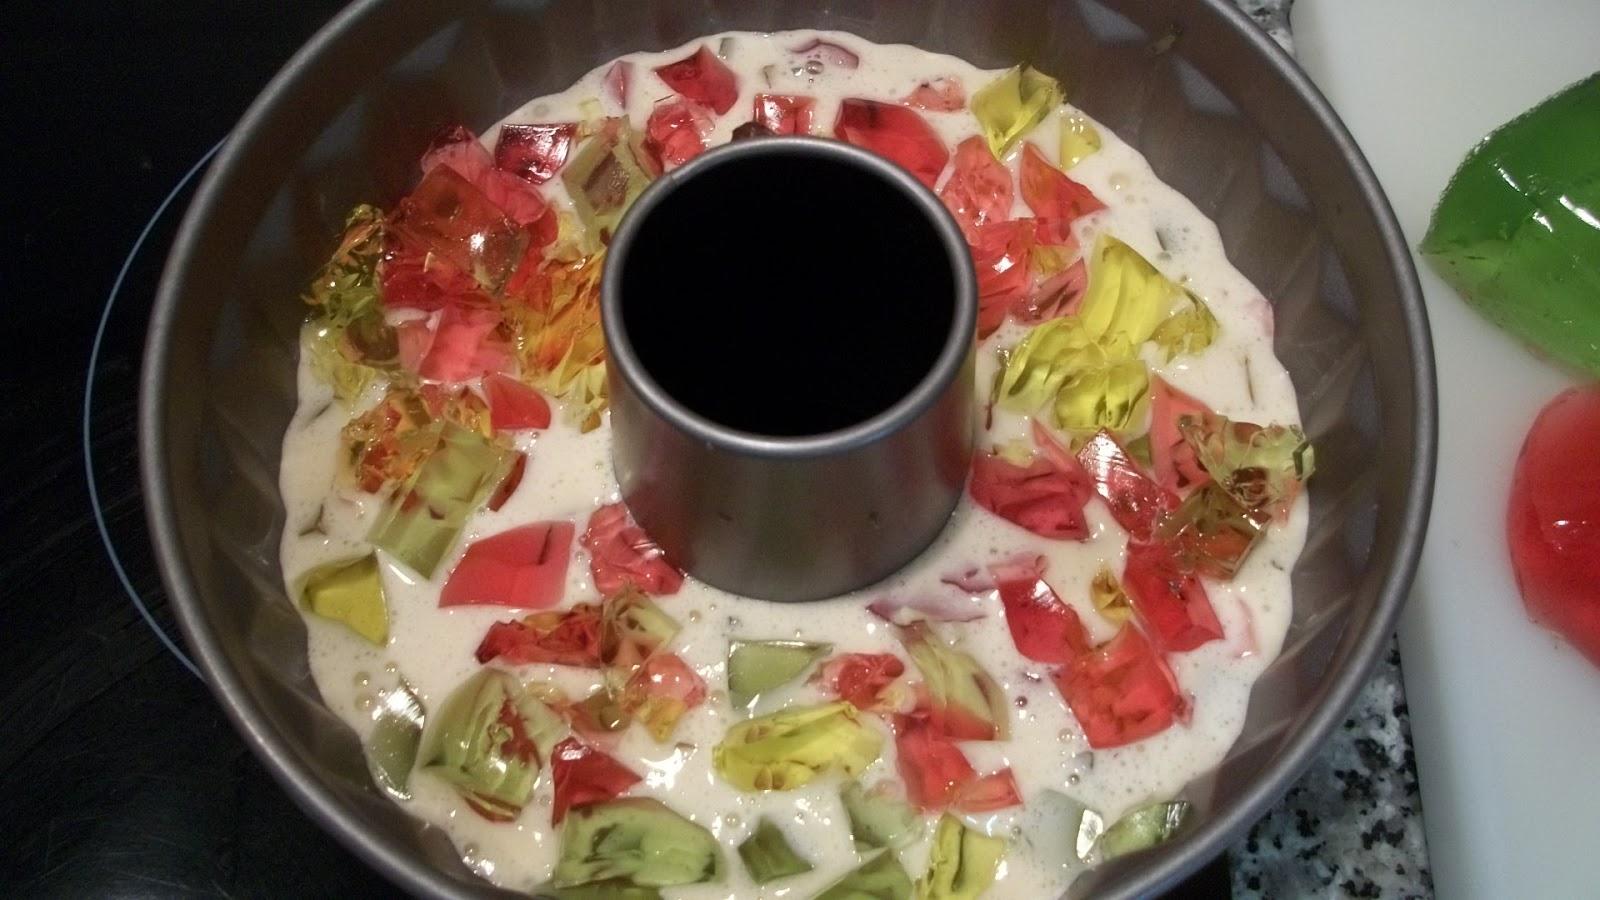 Mas que postres pastel mosaico refrescante - Postres con gelatina y leche condensada ...